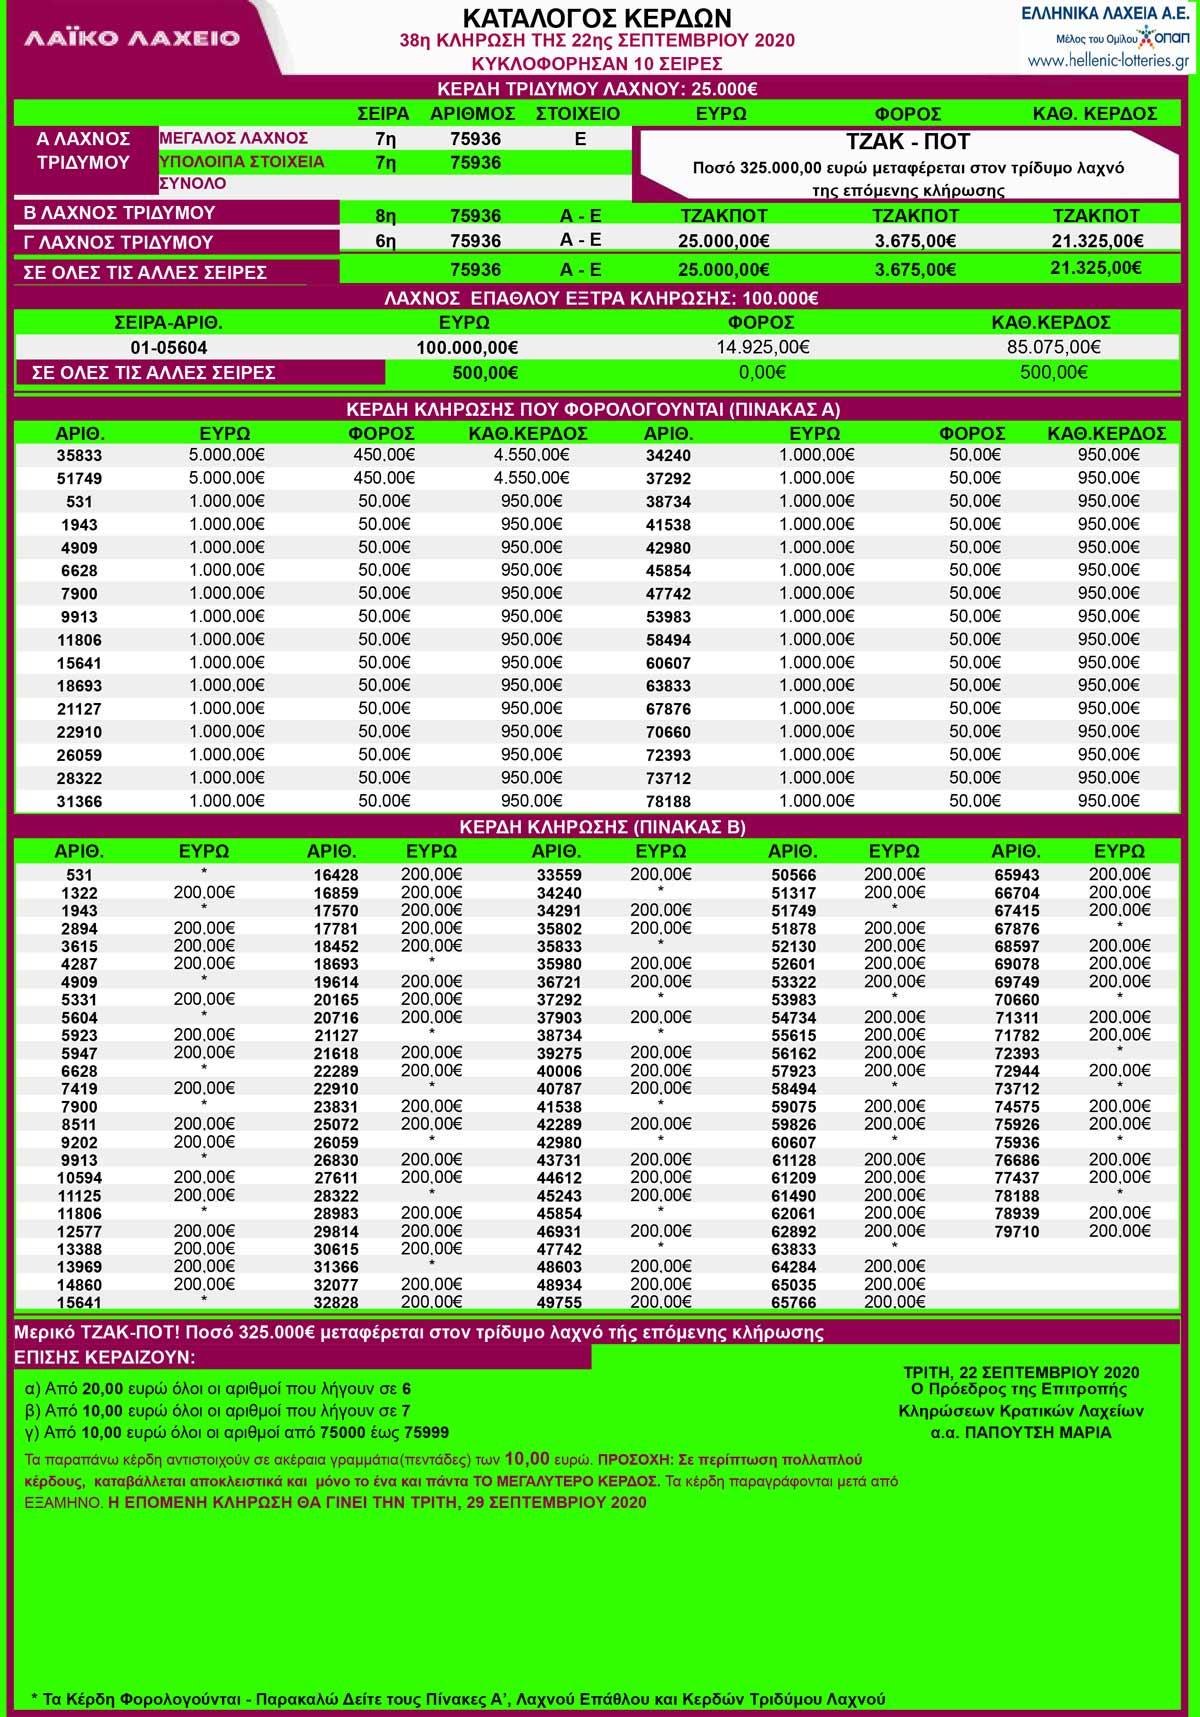 laiko-laxeio-22-09-2020-λαικο-λαχειο-22-σεπτεμβριου-κληρωση